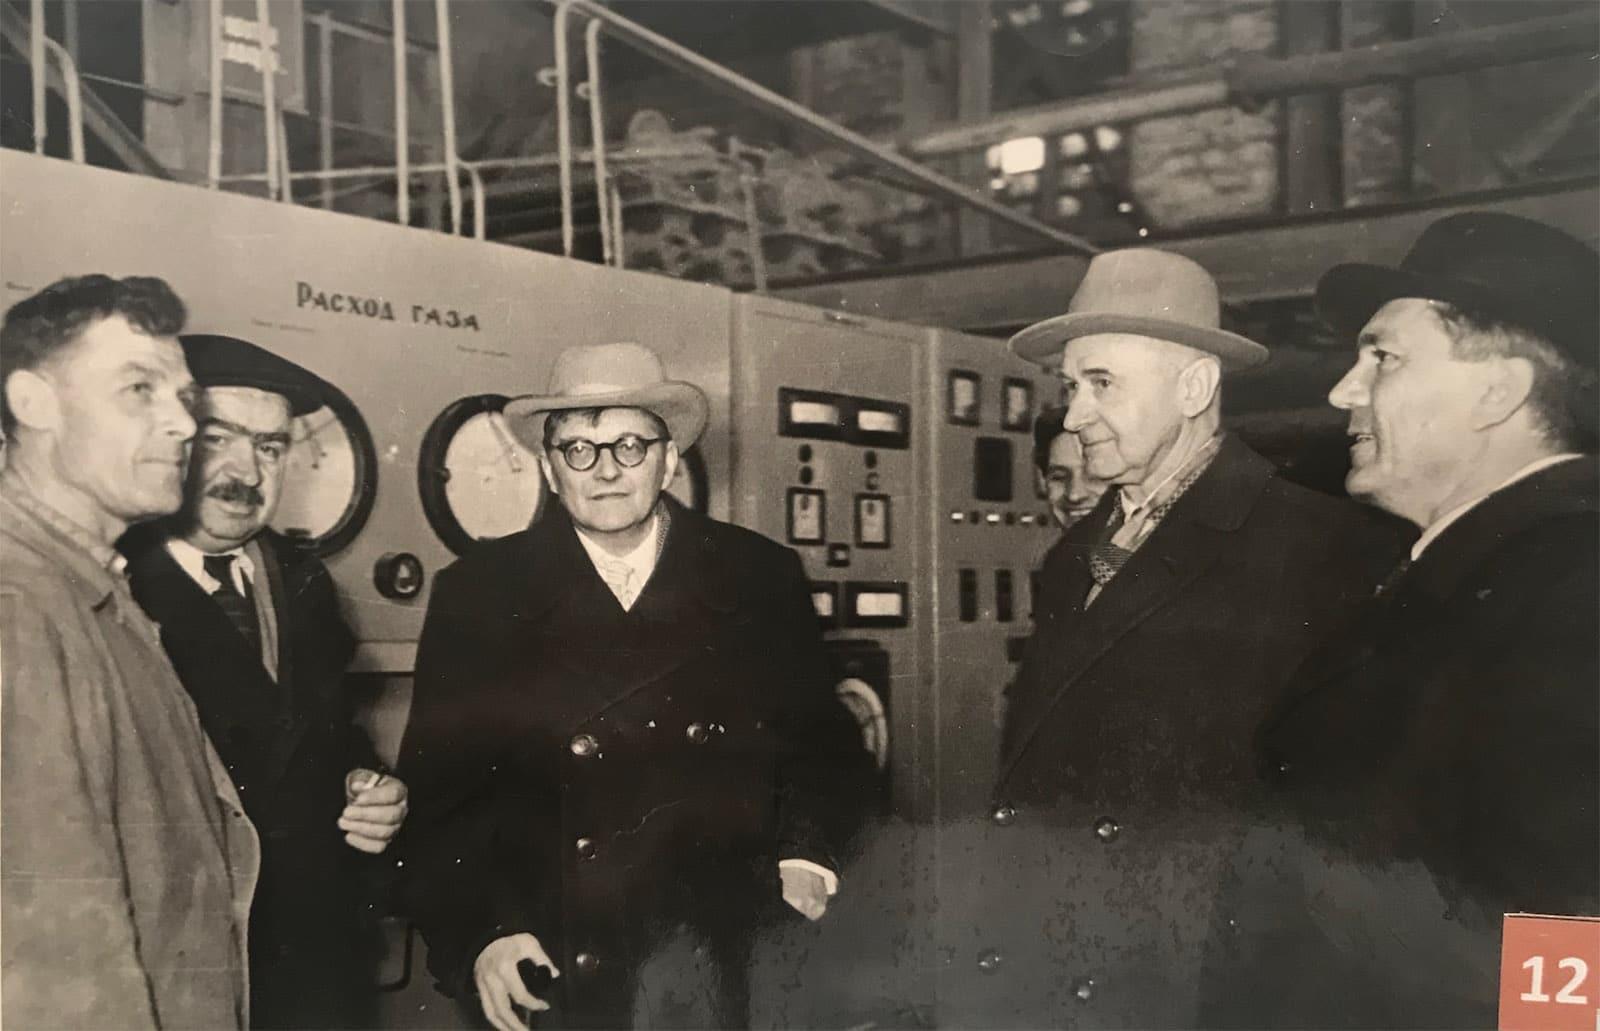 A lost friend of Shostakovich?